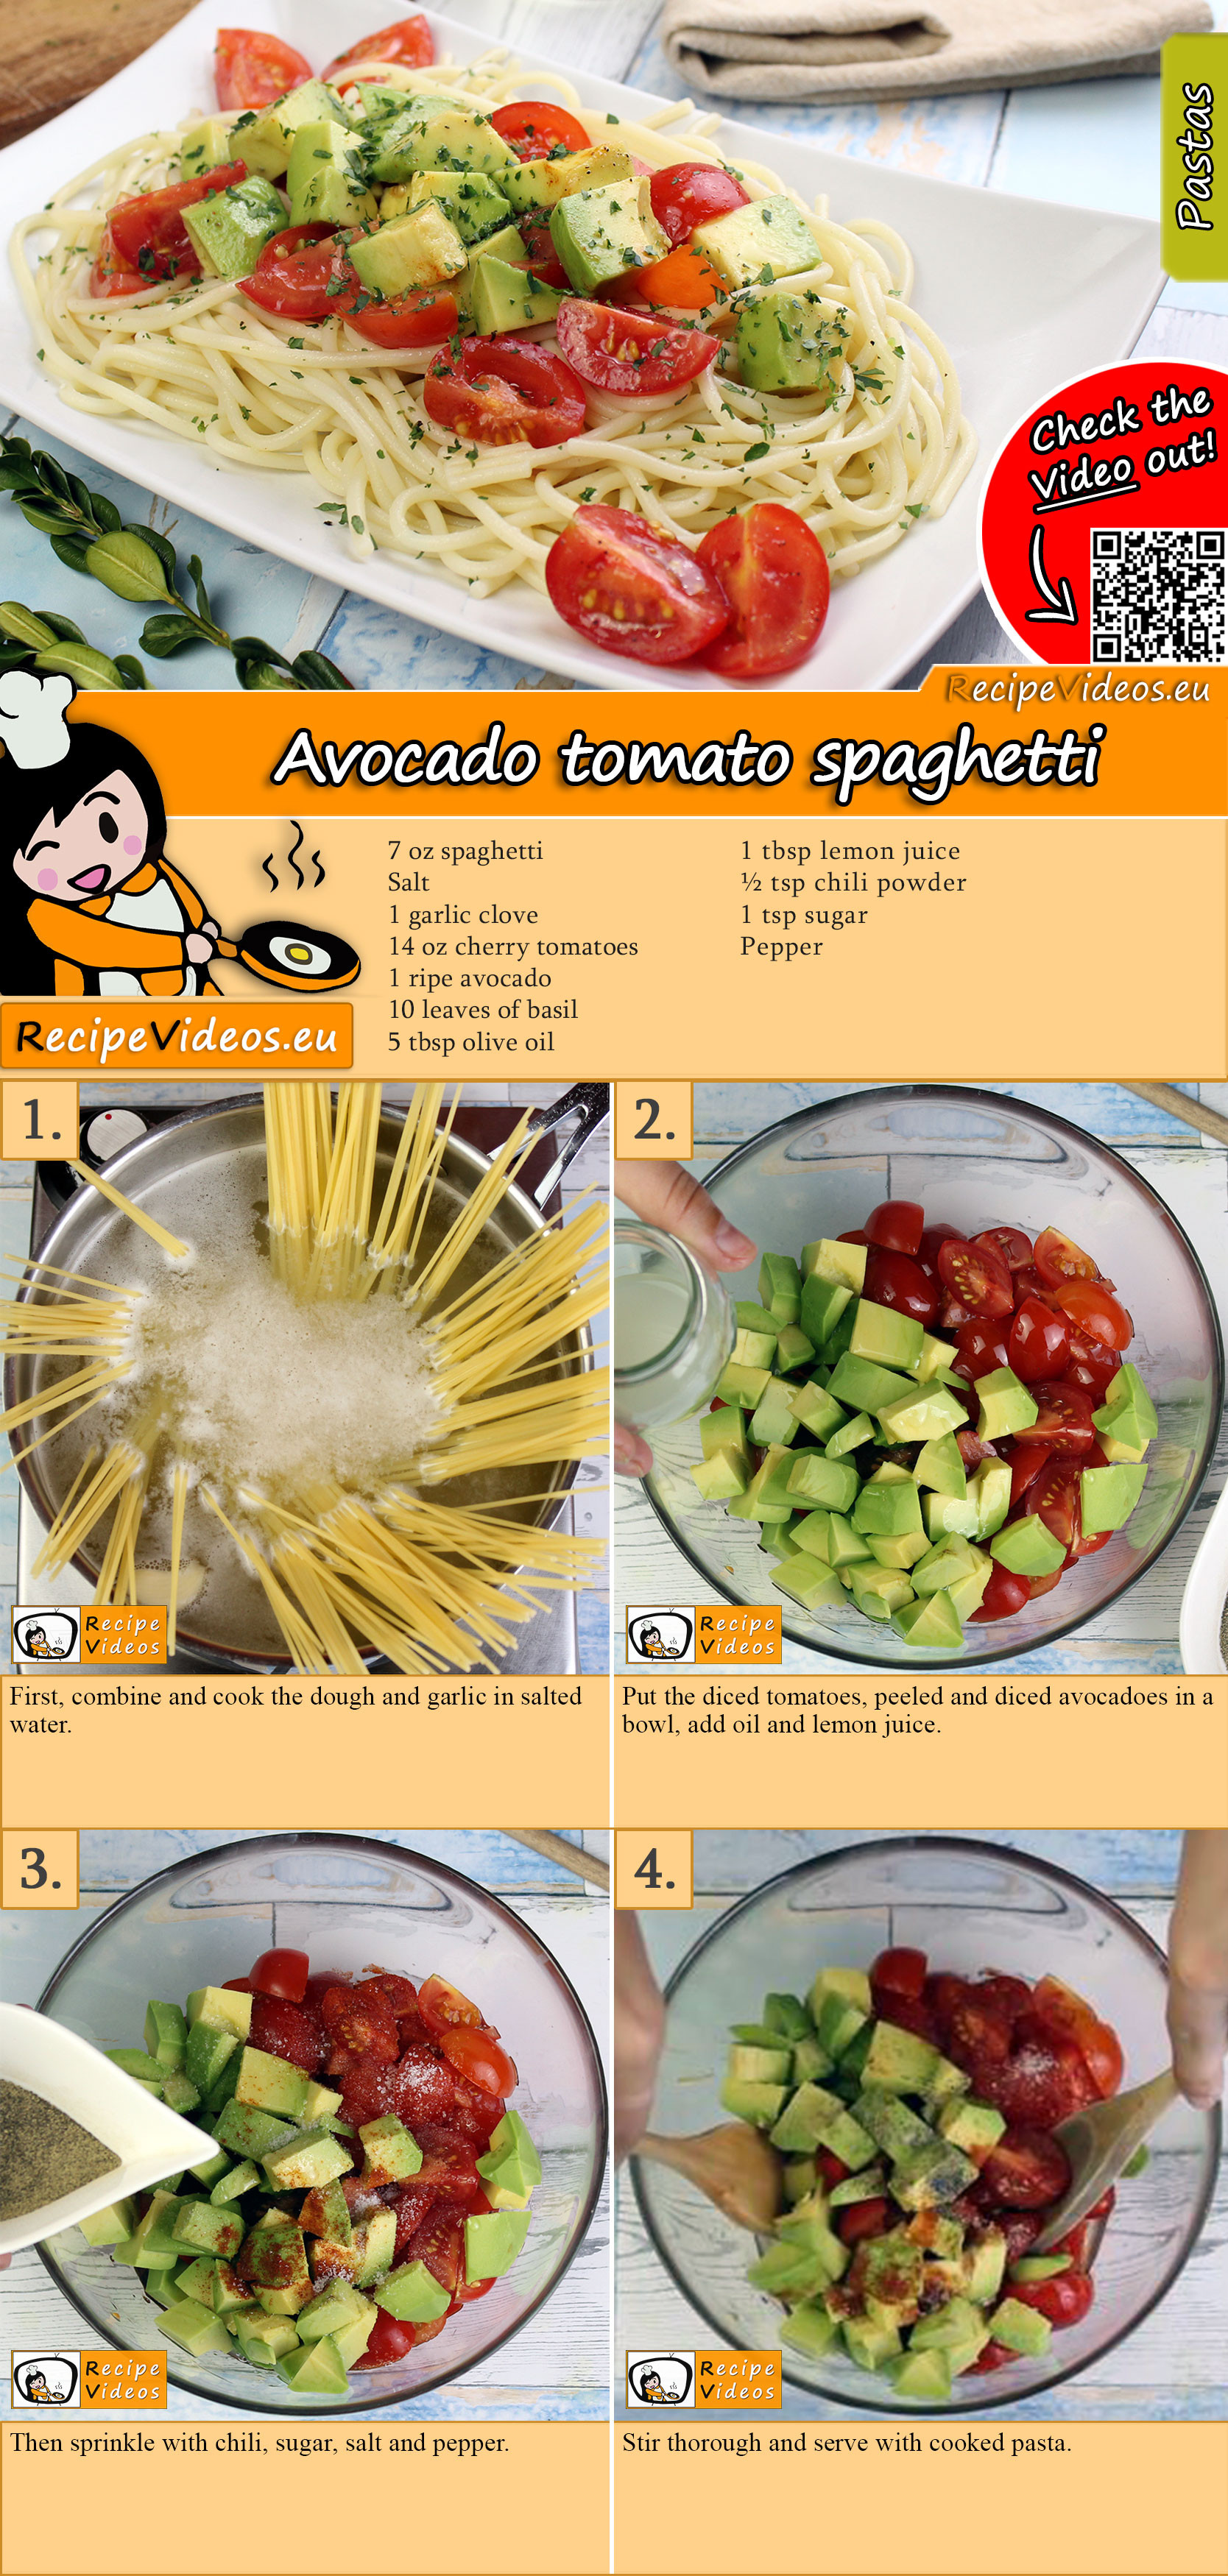 Avocado tomato spaghetti recipe with video